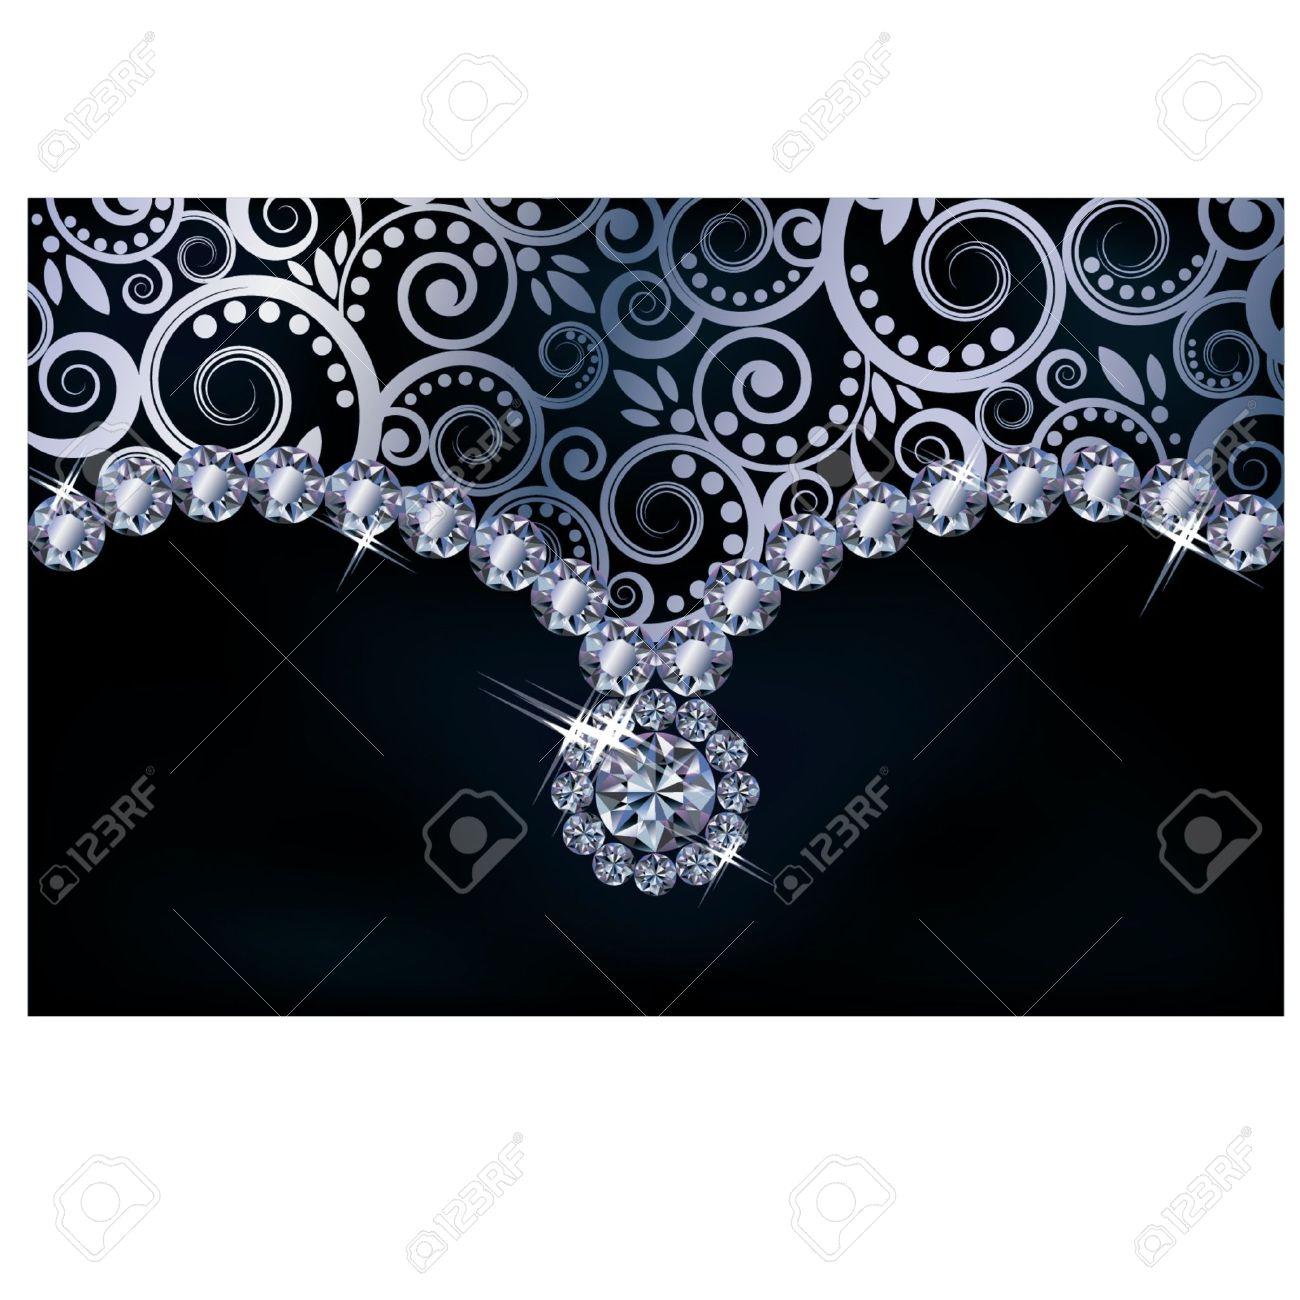 Diamond background,  illustration Stock Vector - 18116895